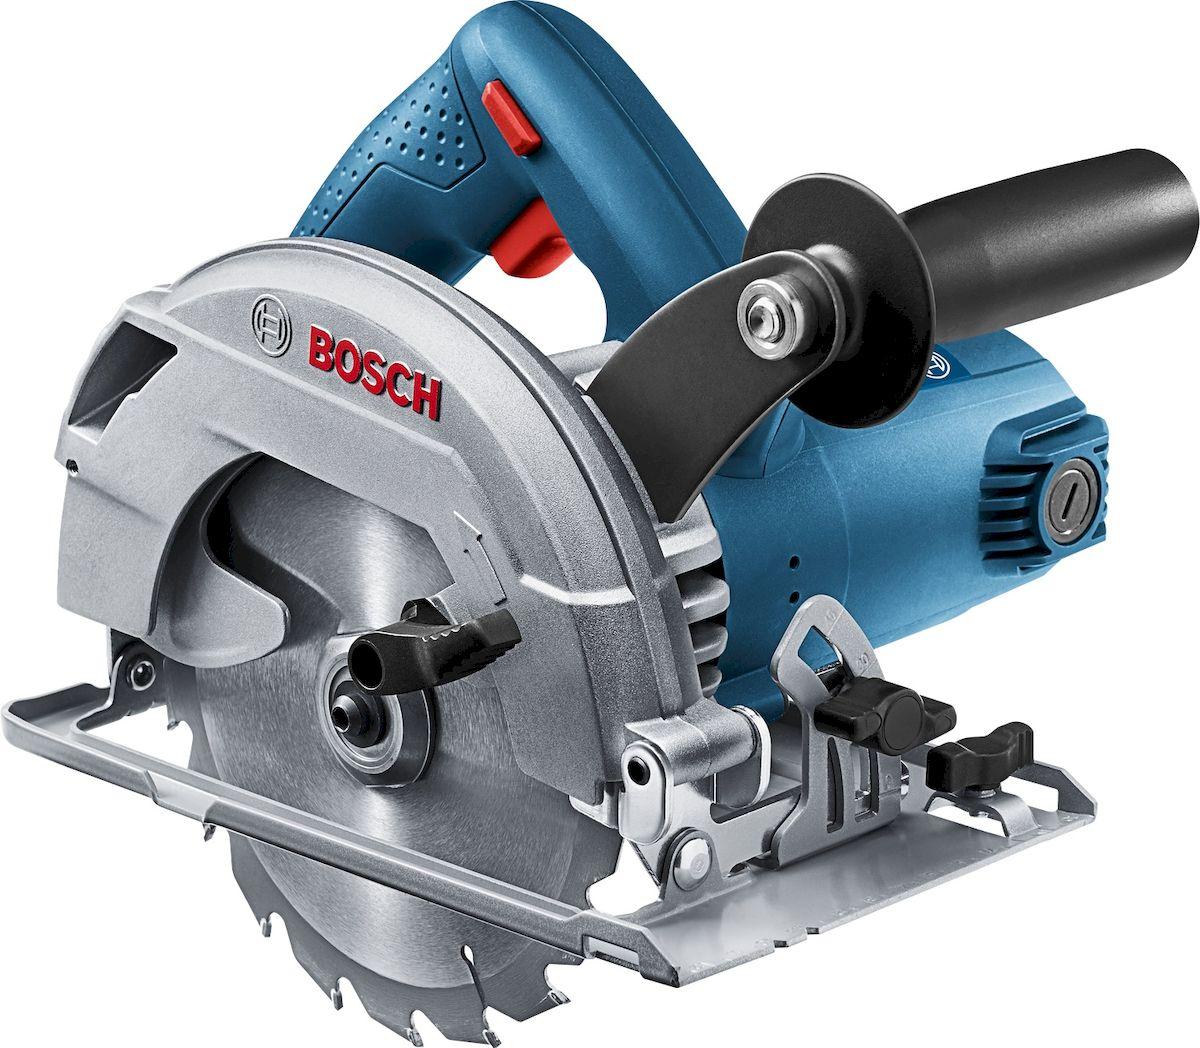 Пила циркулярная Bosch GKS 600. 06016A9020 дисковая пила bosch gks 65 g 0 601 668 903